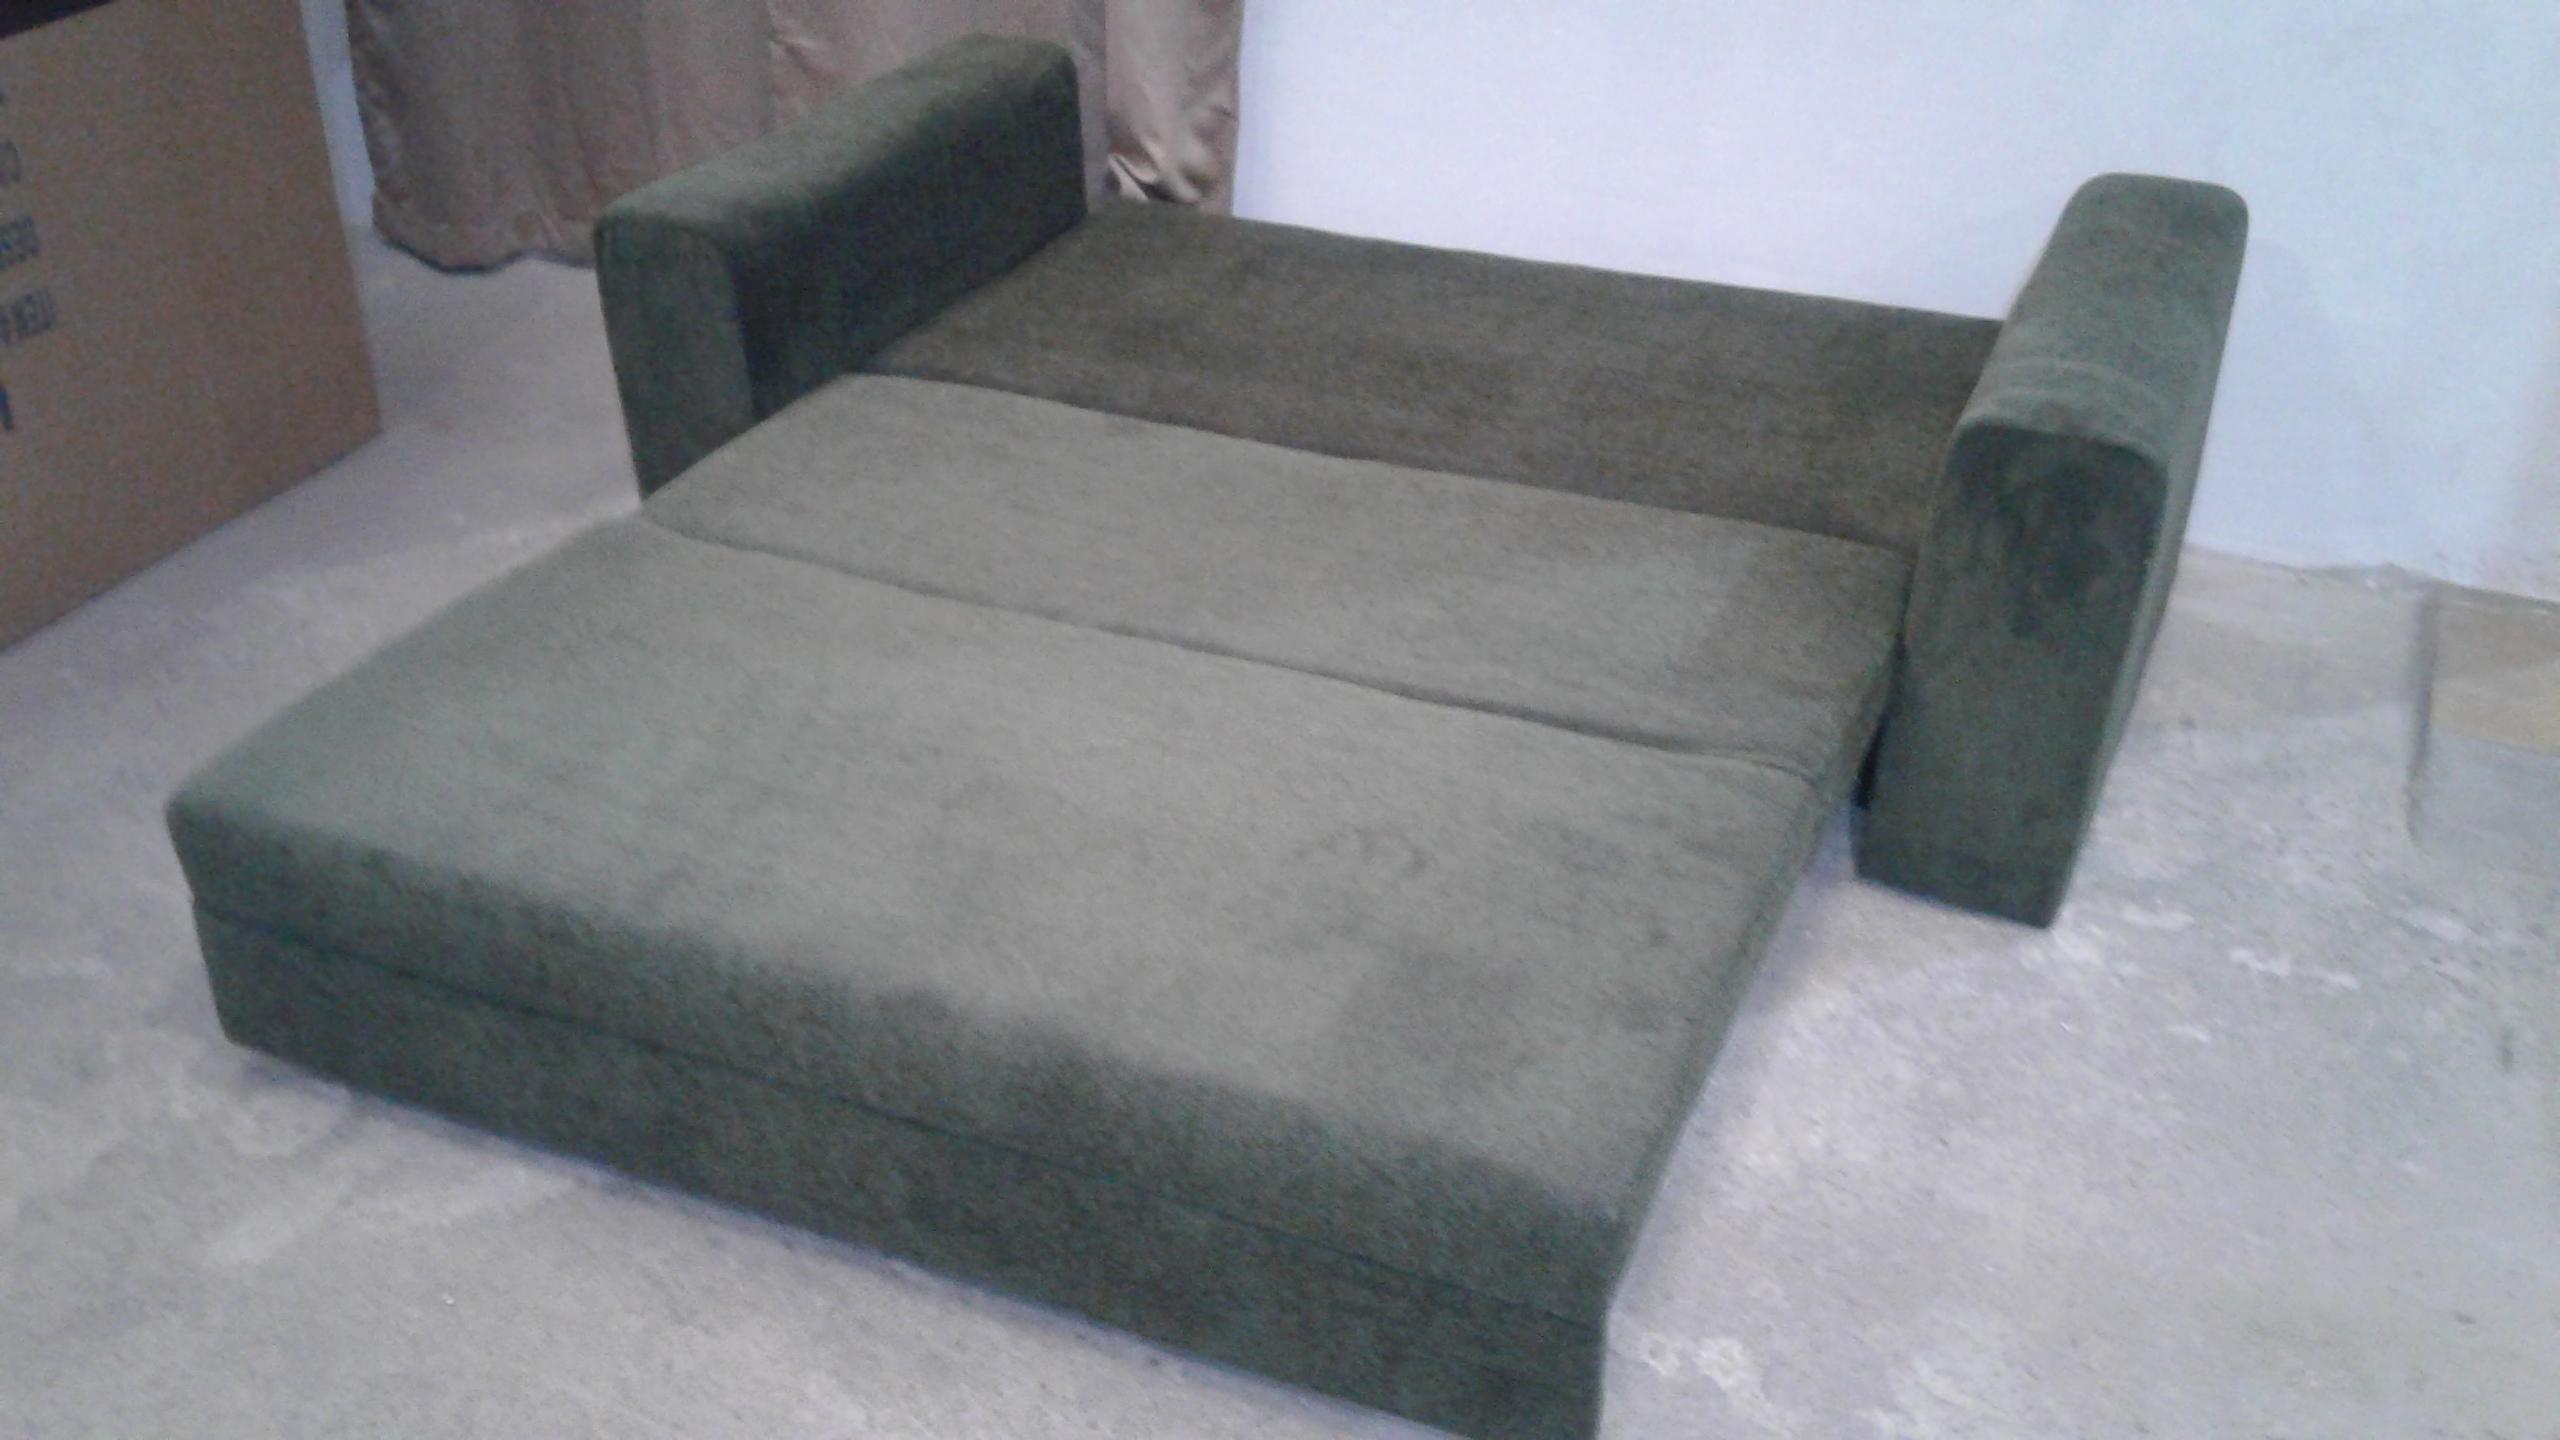 mercadolibre uruguay sofa cama usado leather sale toronto sillones y sofás tapizados en madera ombú muebles